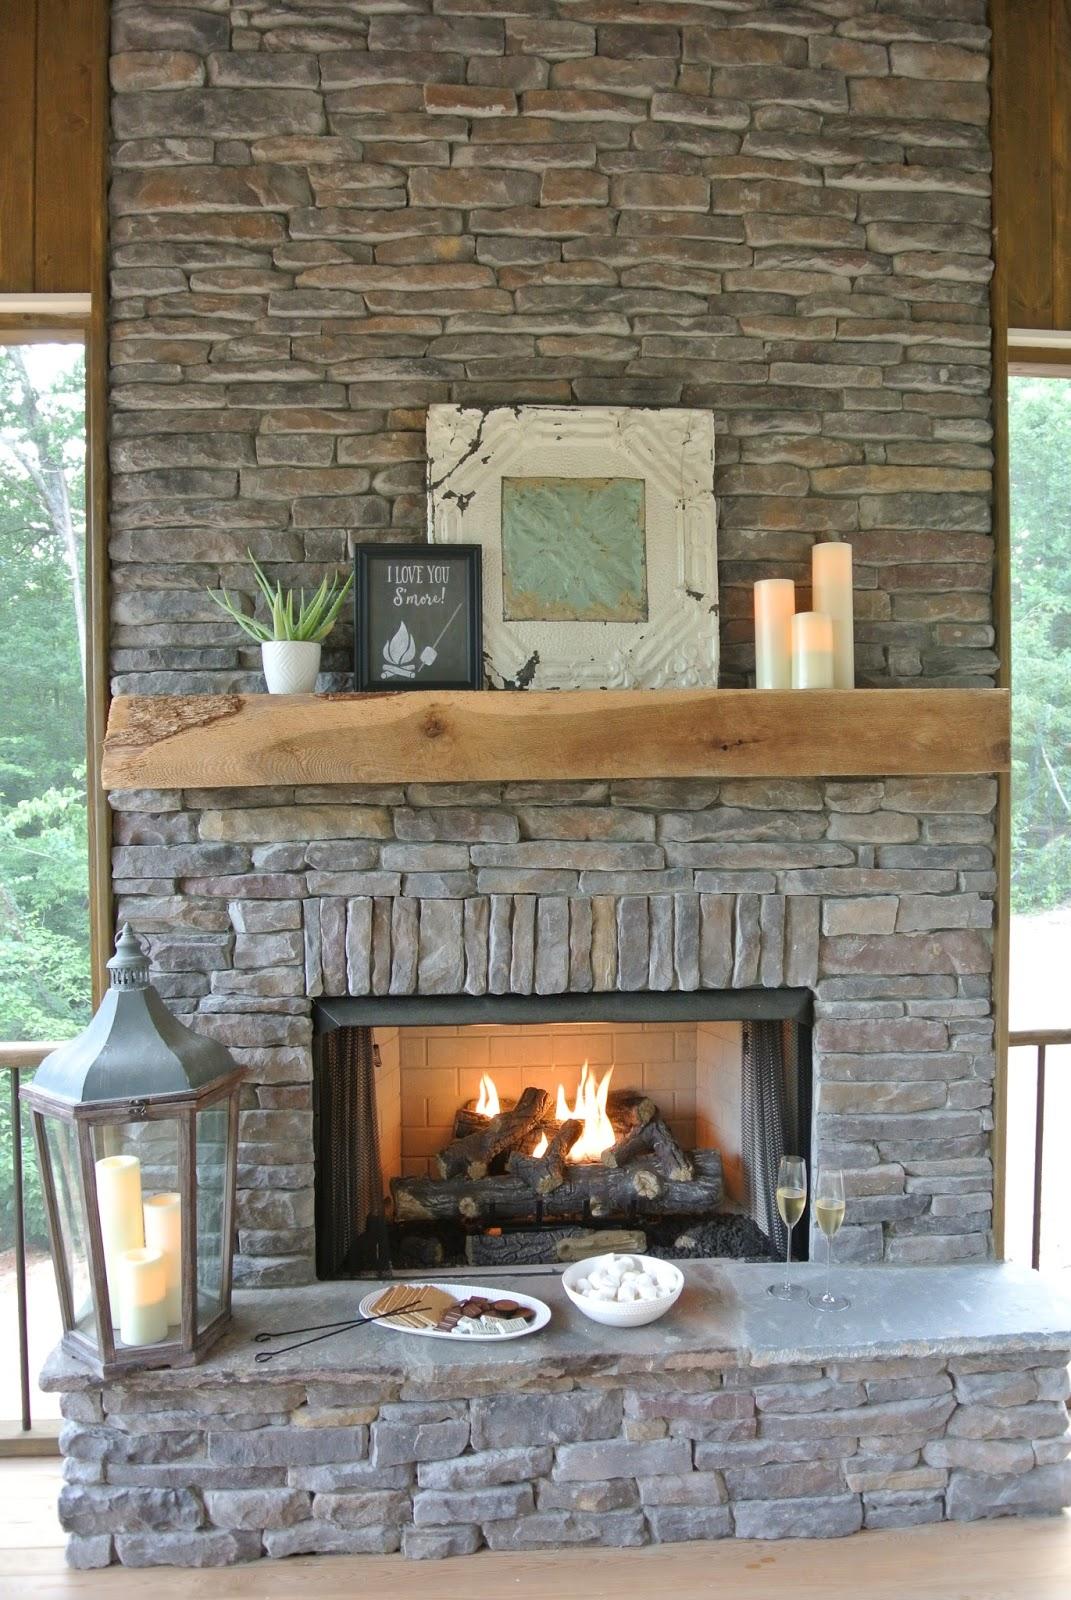 S'mores basket by fireplace mantel via blog.farmtofete.com/